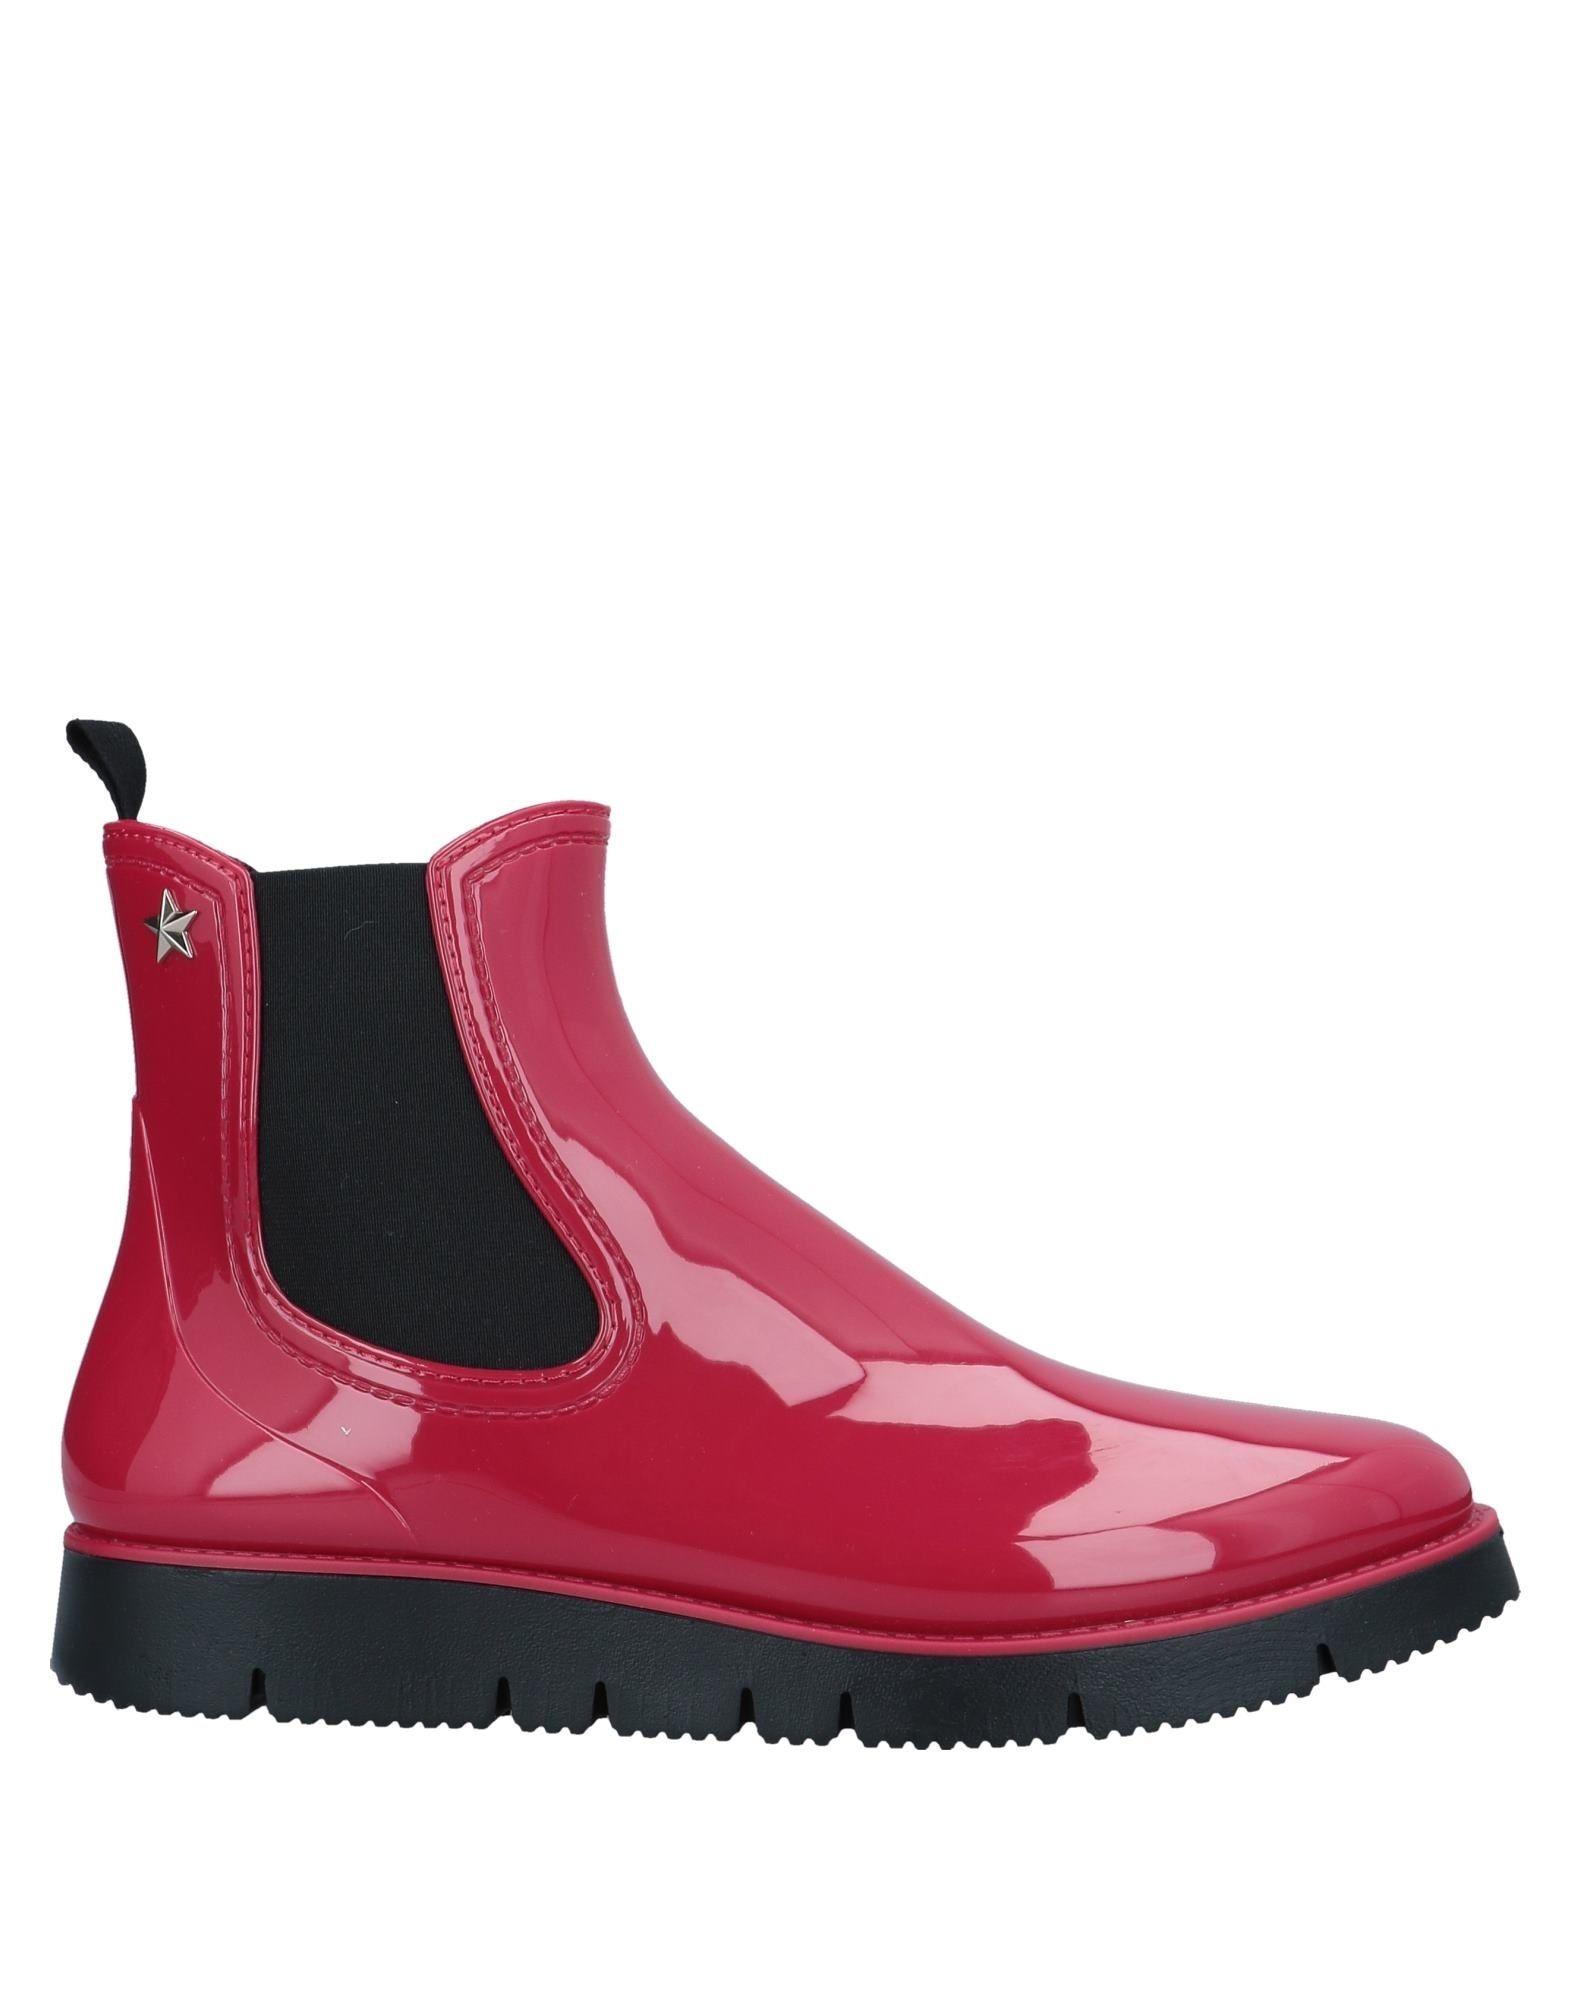 ROT(V) Damen Chelsea Stiefel Damen ROT(V) Gutes Preis-Leistungs-Verhältnis, es lohnt sich 3e5906